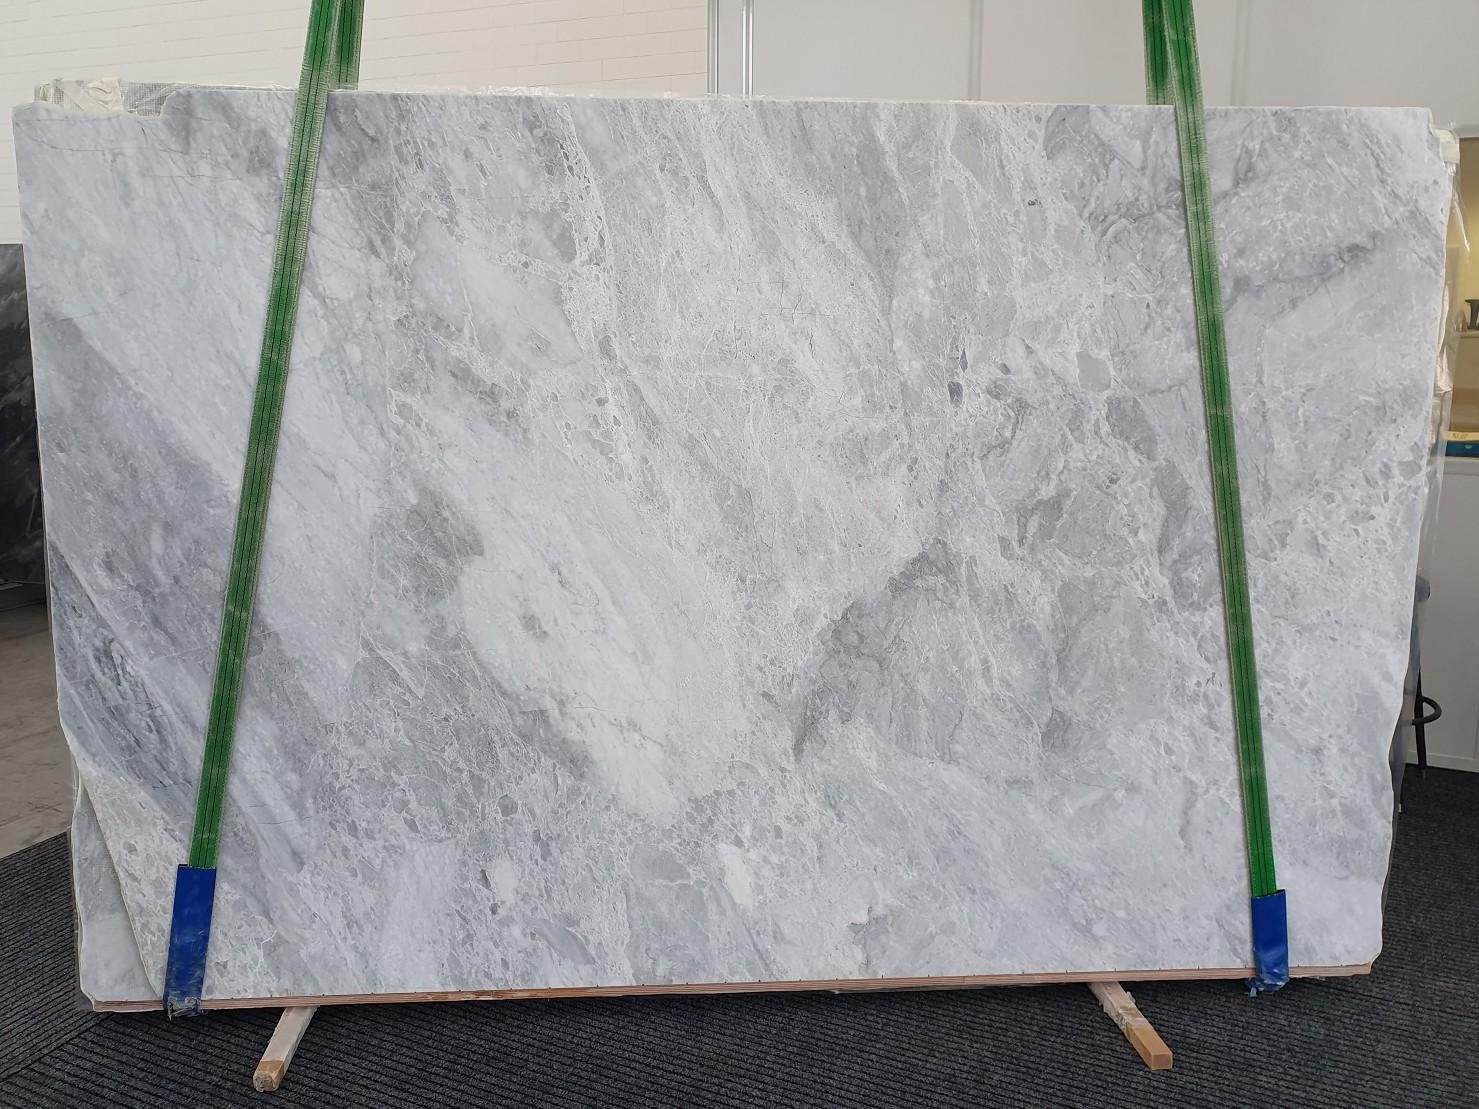 TRAMBISERA Supply Veneto (Italy) polished slabs 12931 , Bnd04-Slb31 natural marble